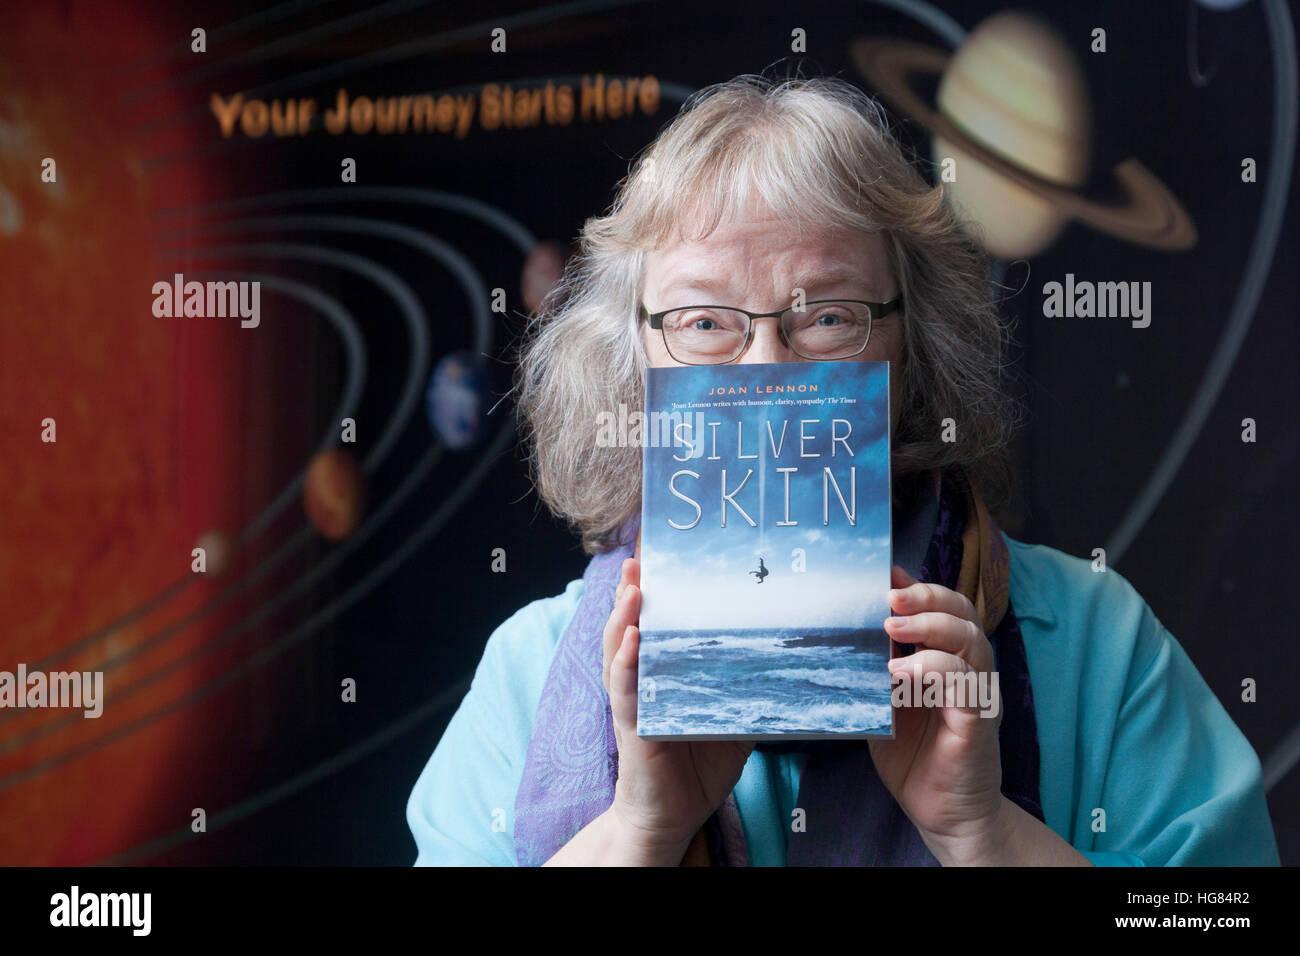 Joan Lennon, Kinder- und Erwachsenen Sci-Fi und Fantasy-Autor. Stockbild